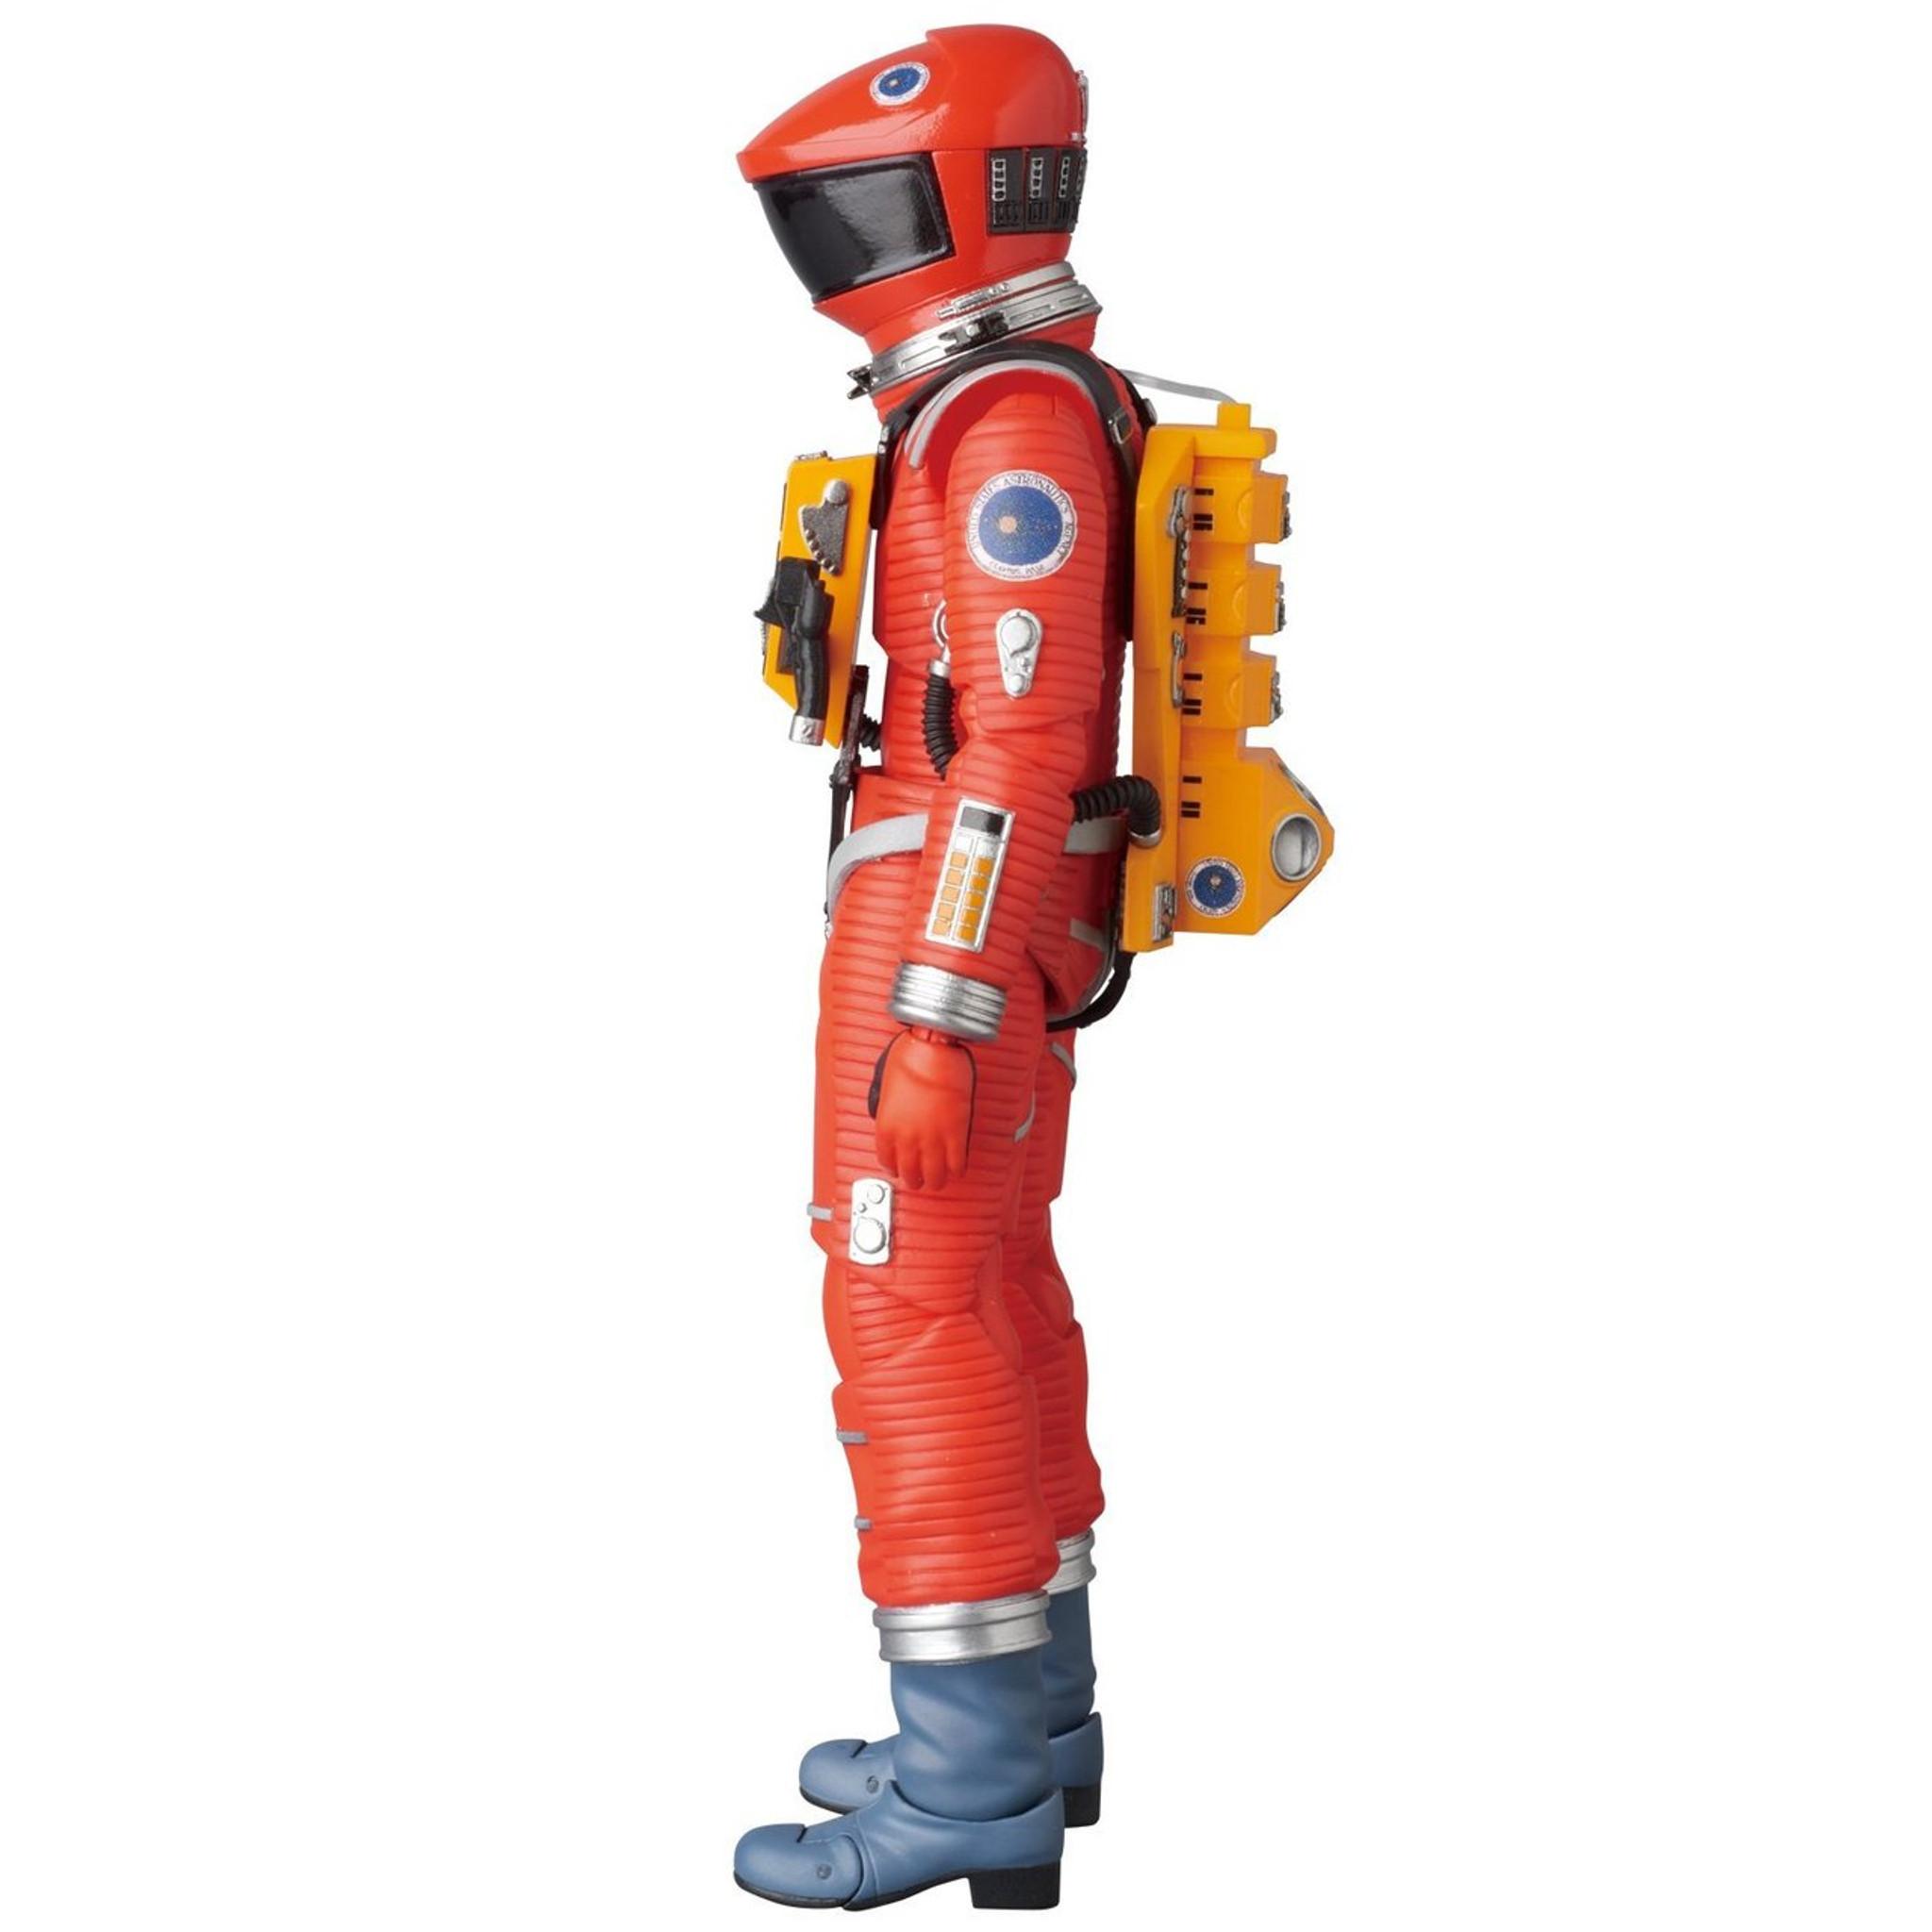 3737e3b3 ... Medicom MAFEX 034 Space Suit Orange Version 2001 A Space Odyssey  4530956470344 ...